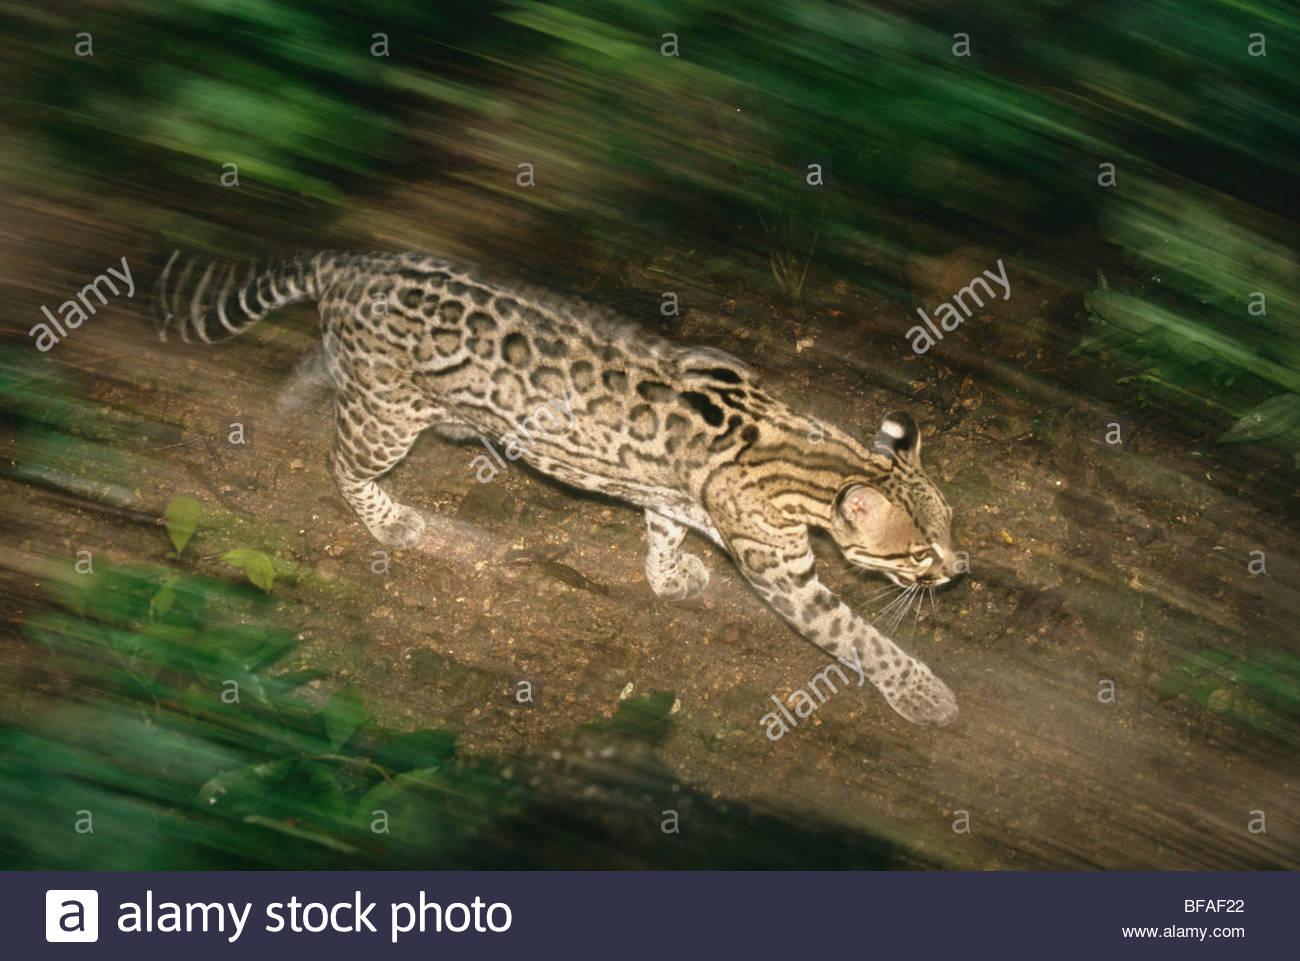 Ocelot running, Leopardus pardalis, Chiapas, Mexico - Stock Image